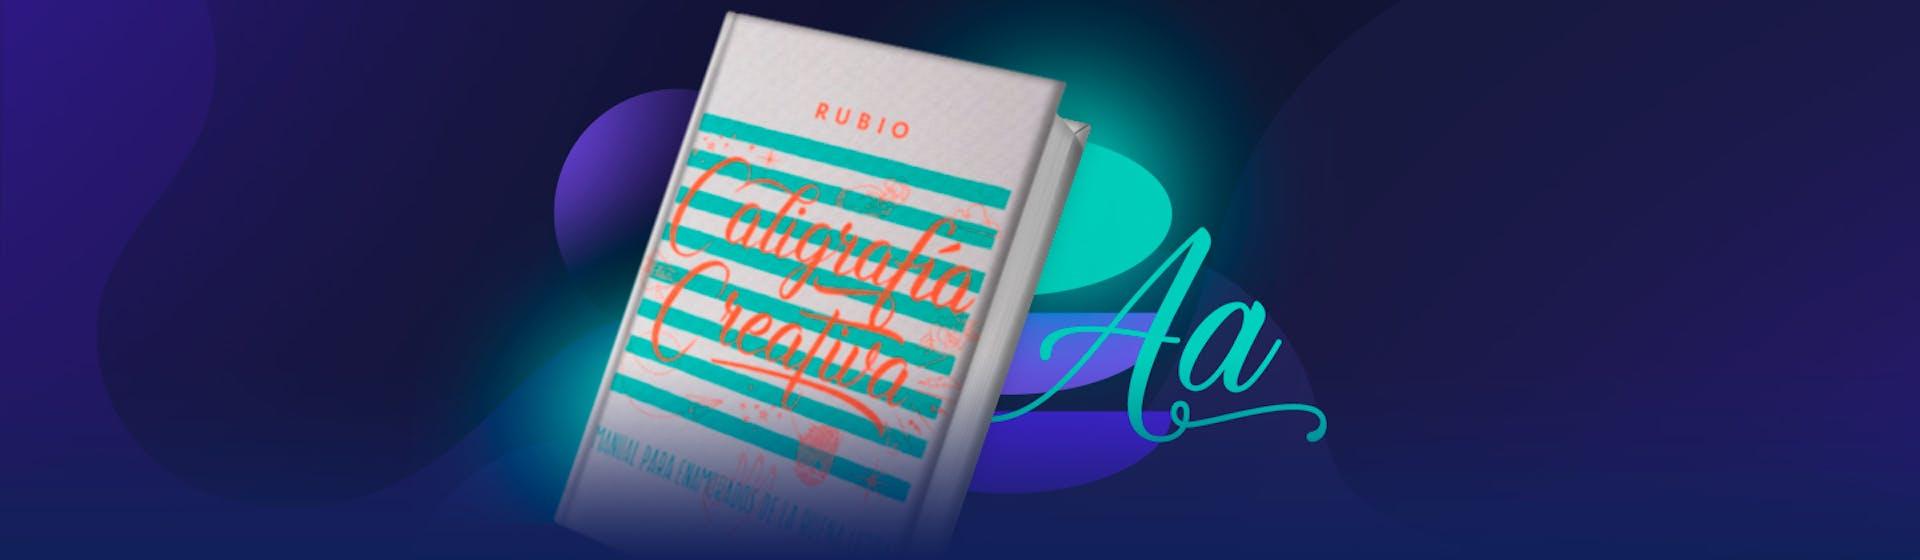 Libros de caligrafía artística: ¡+10 opciones para dominar el arte de escribir!